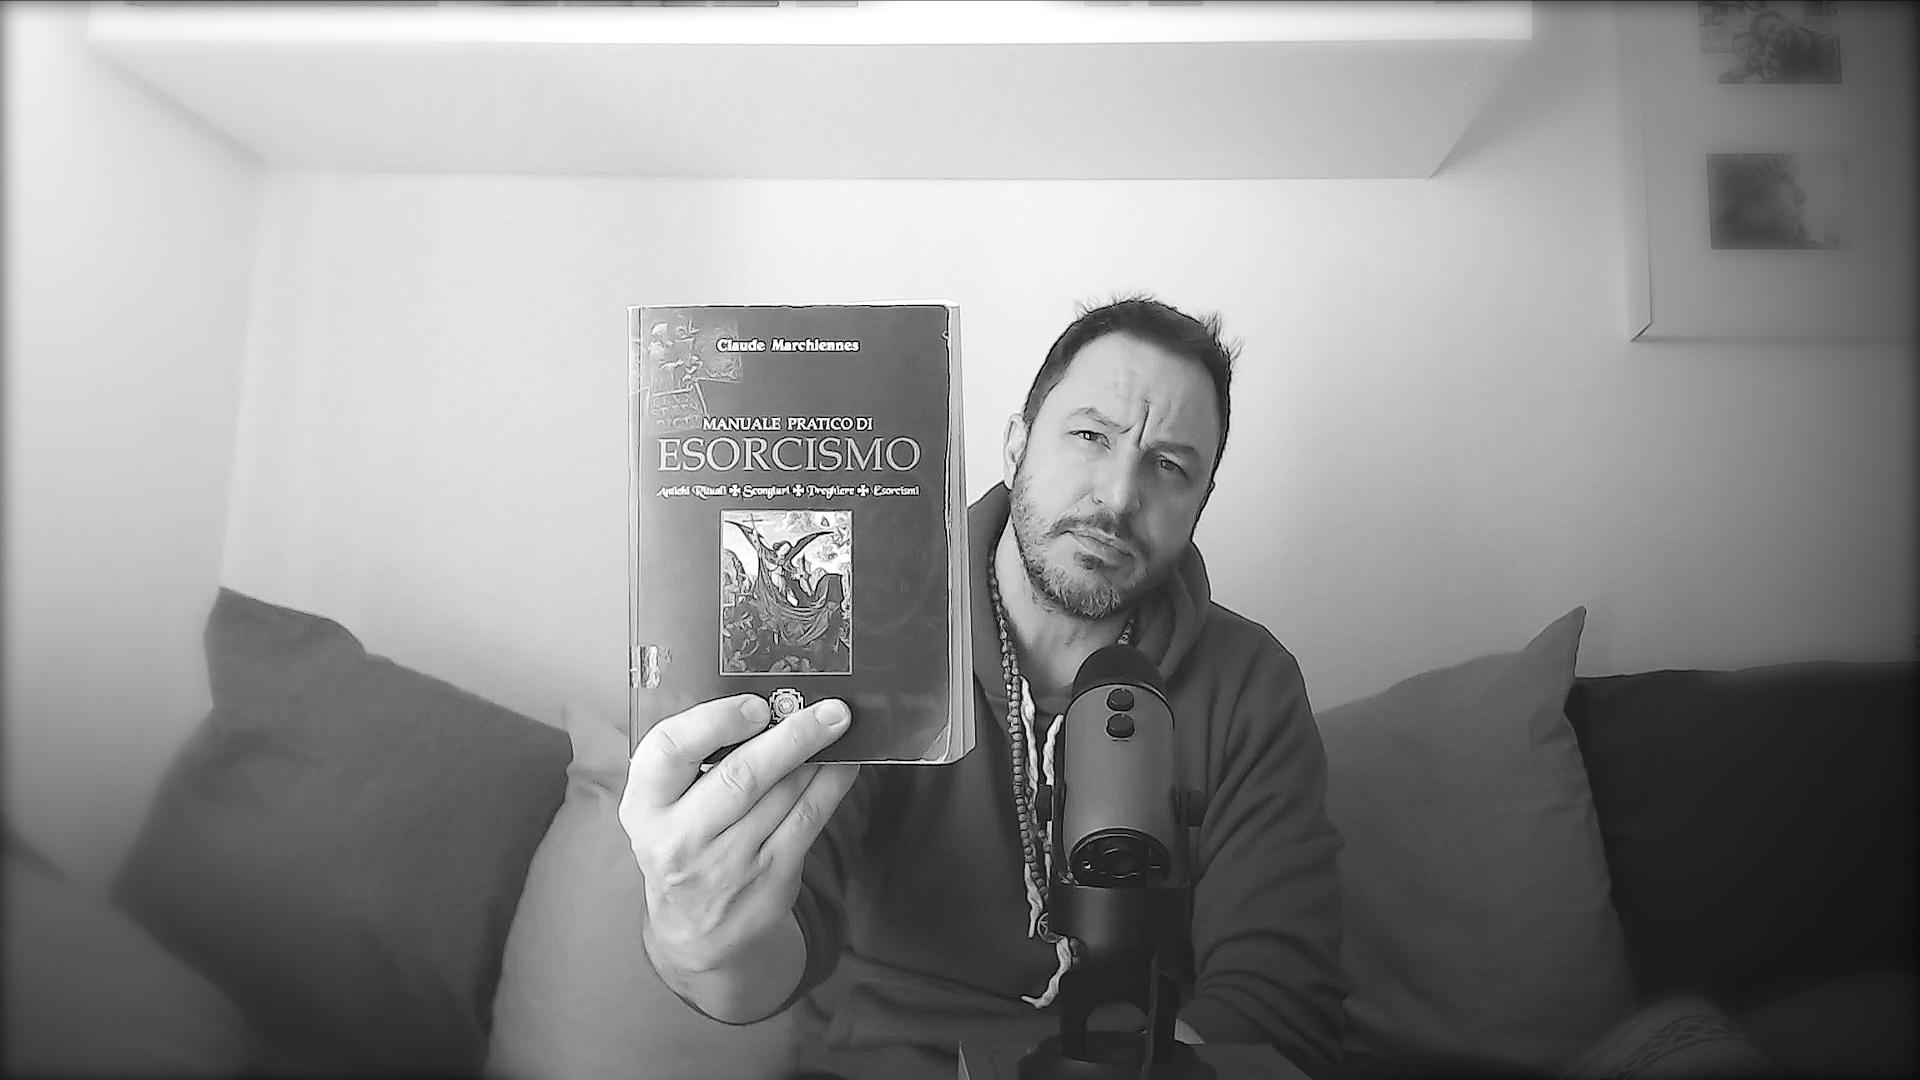 Manuale Pratico di Esorcismo di Claude Marchiennes